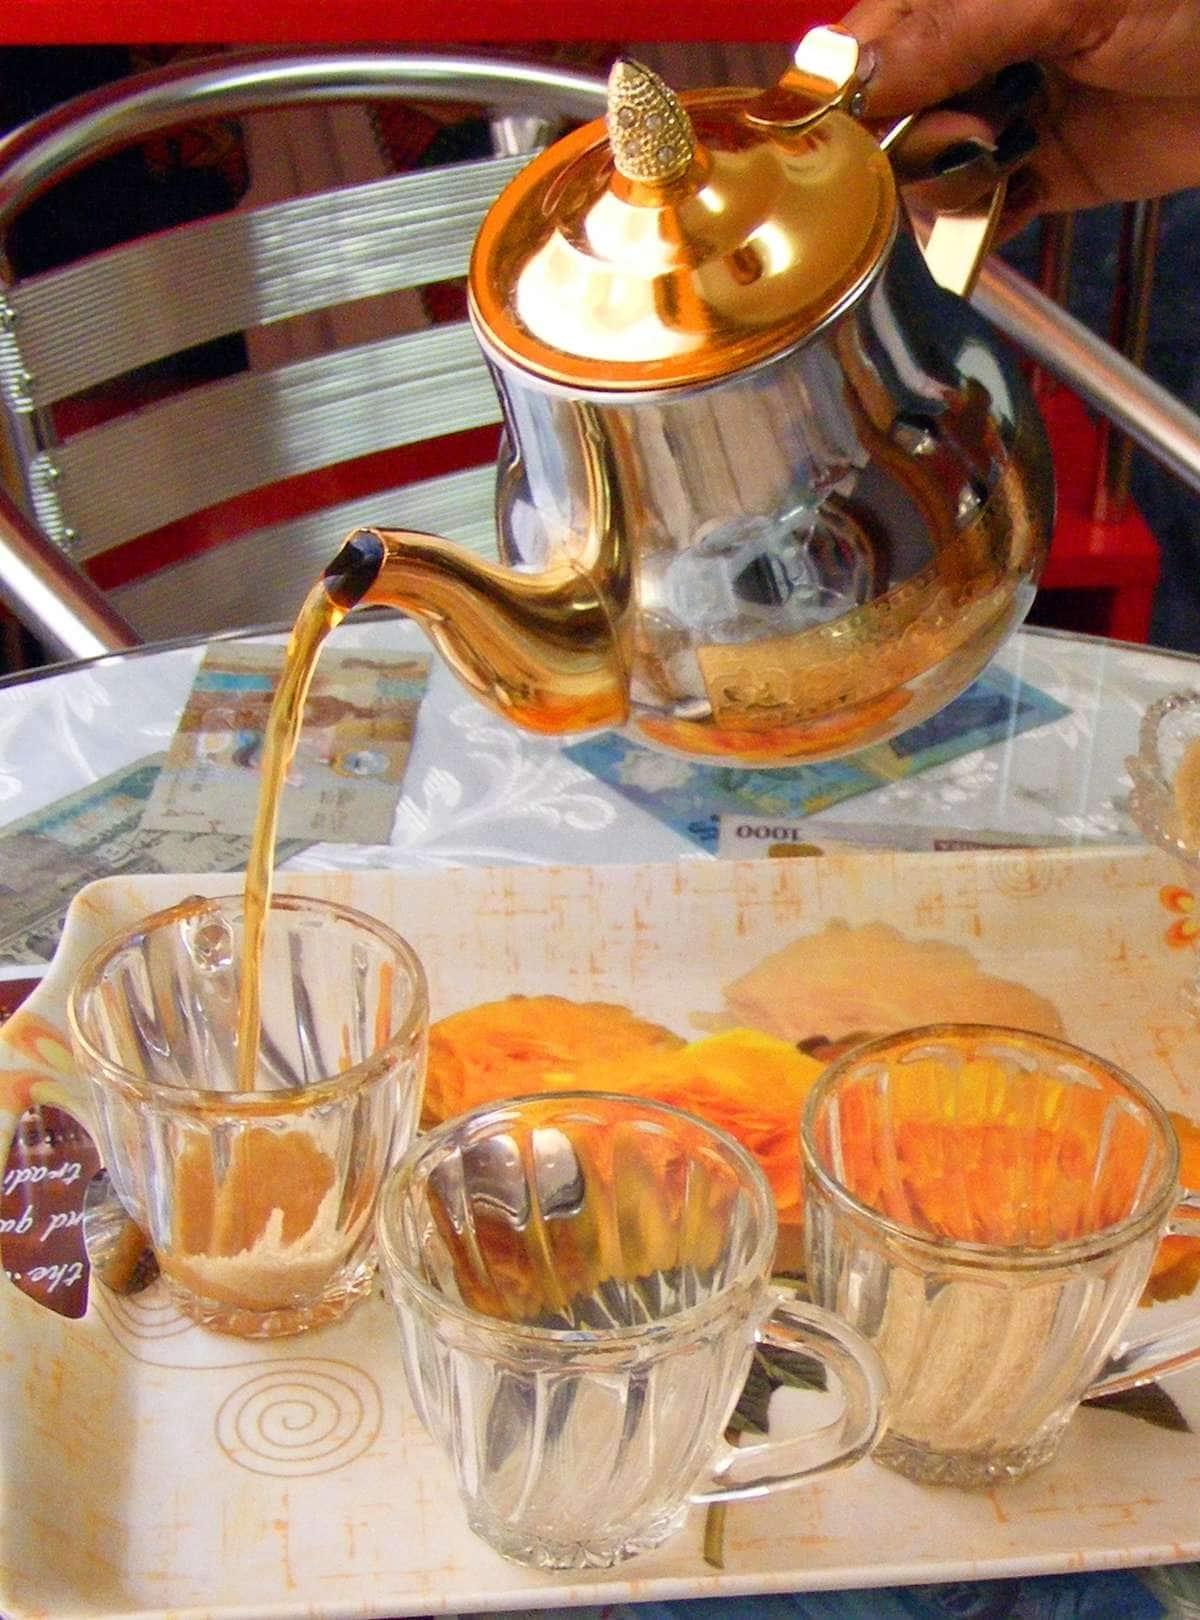 Salina Eritrean Cafe Restaurant | U8 307 Beaudesert Road, Moorooka, Queensland 4105 | +61 7 3285 8517